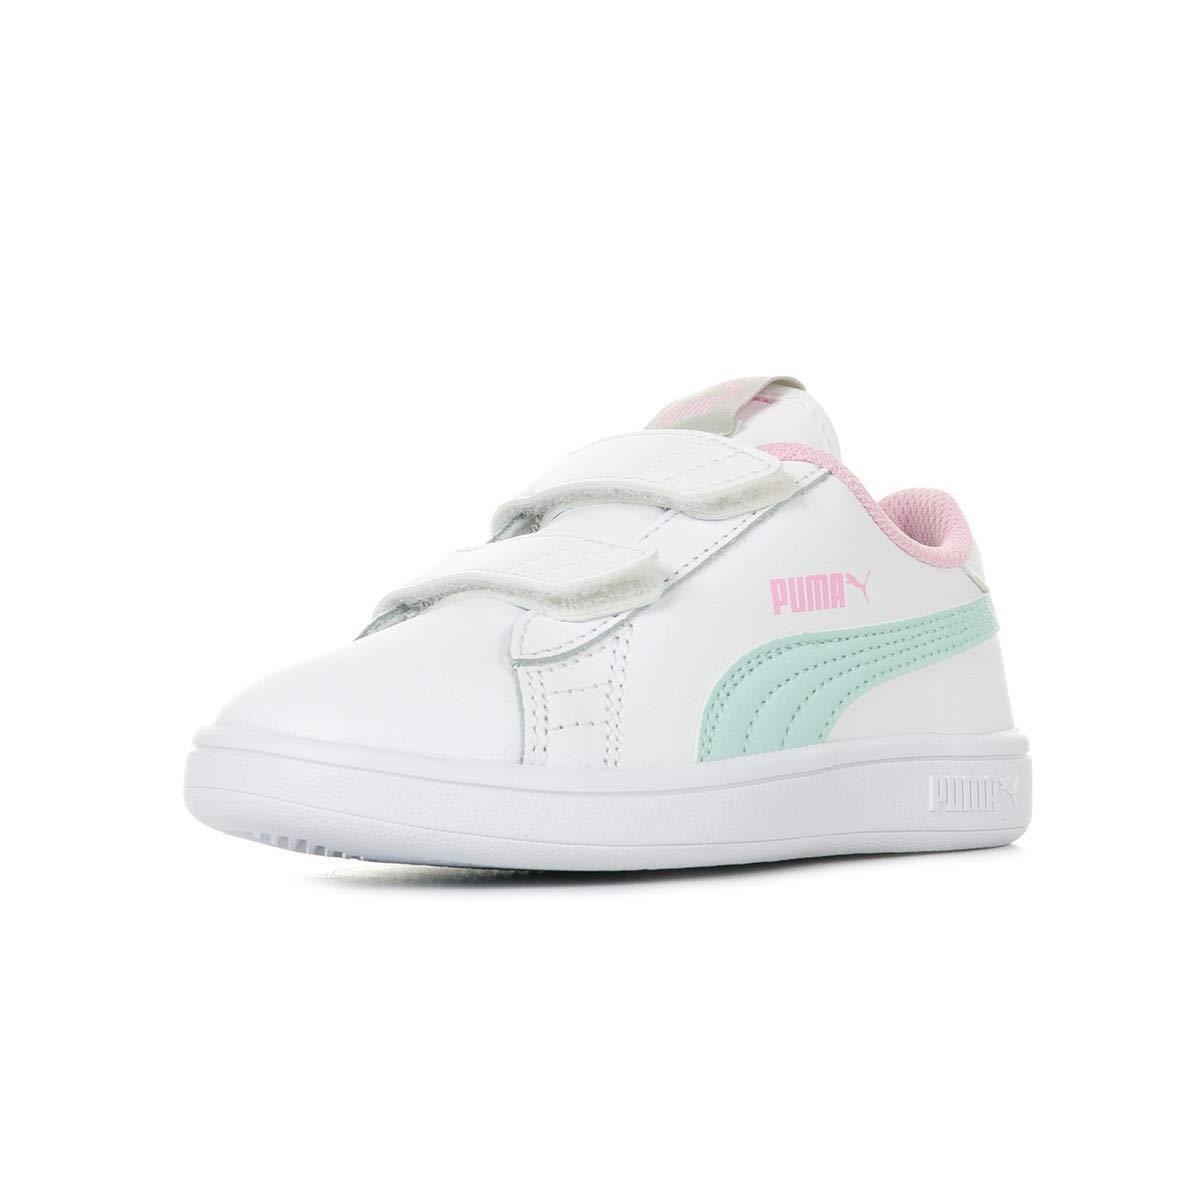 Puma Smash V2 L V PS, Sneakers Basses Mixte Enfant